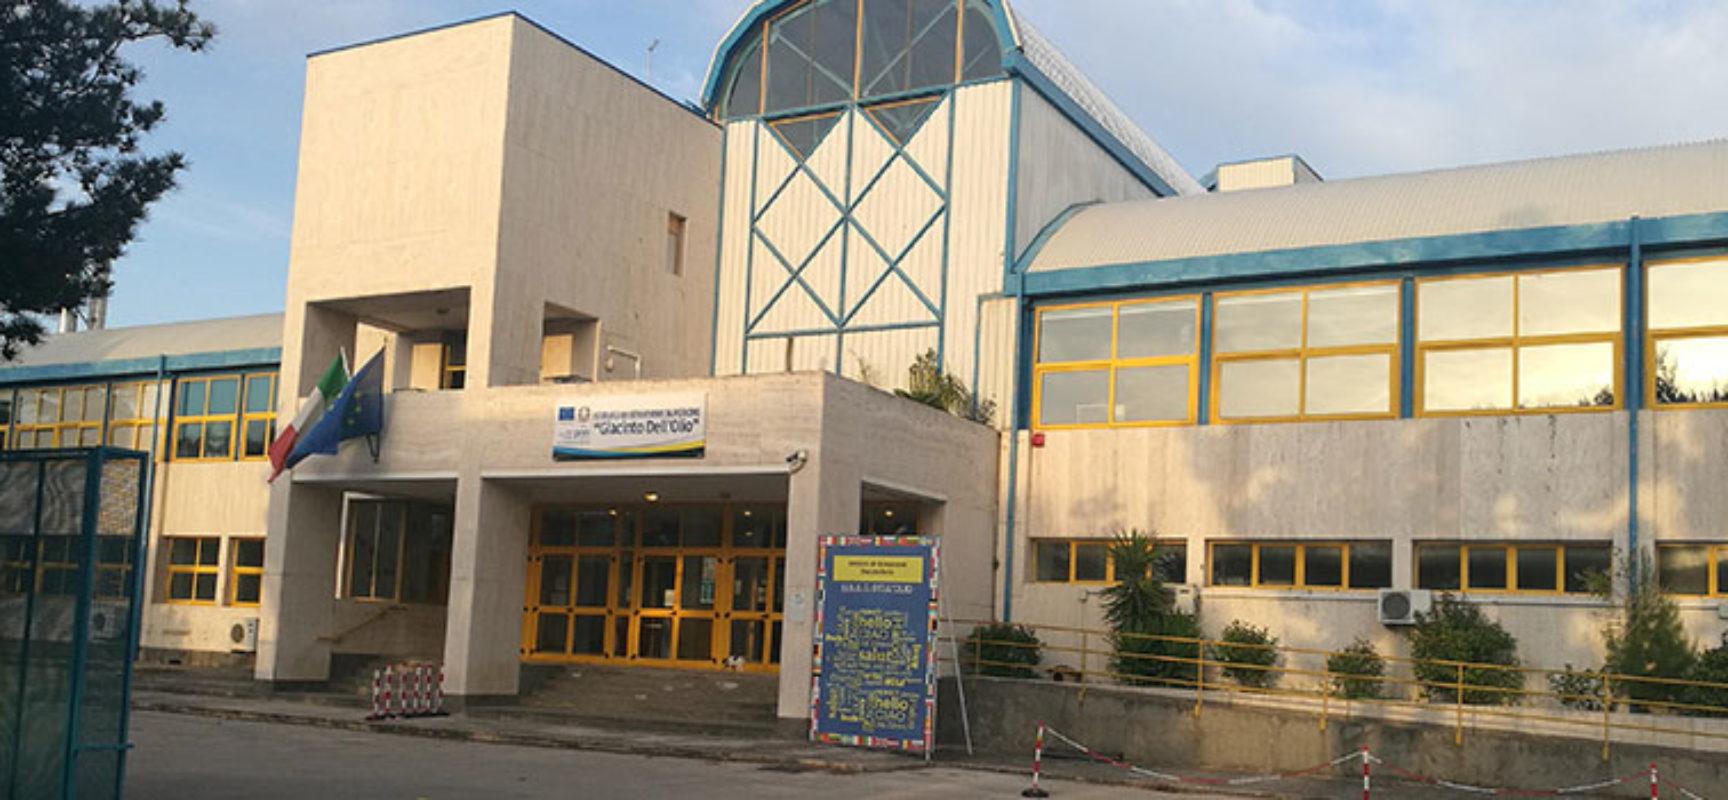 Provincia Bat, 3 milioni di euro per efficientamento energetico IISS Dell'Olio e liceo Da Vinci